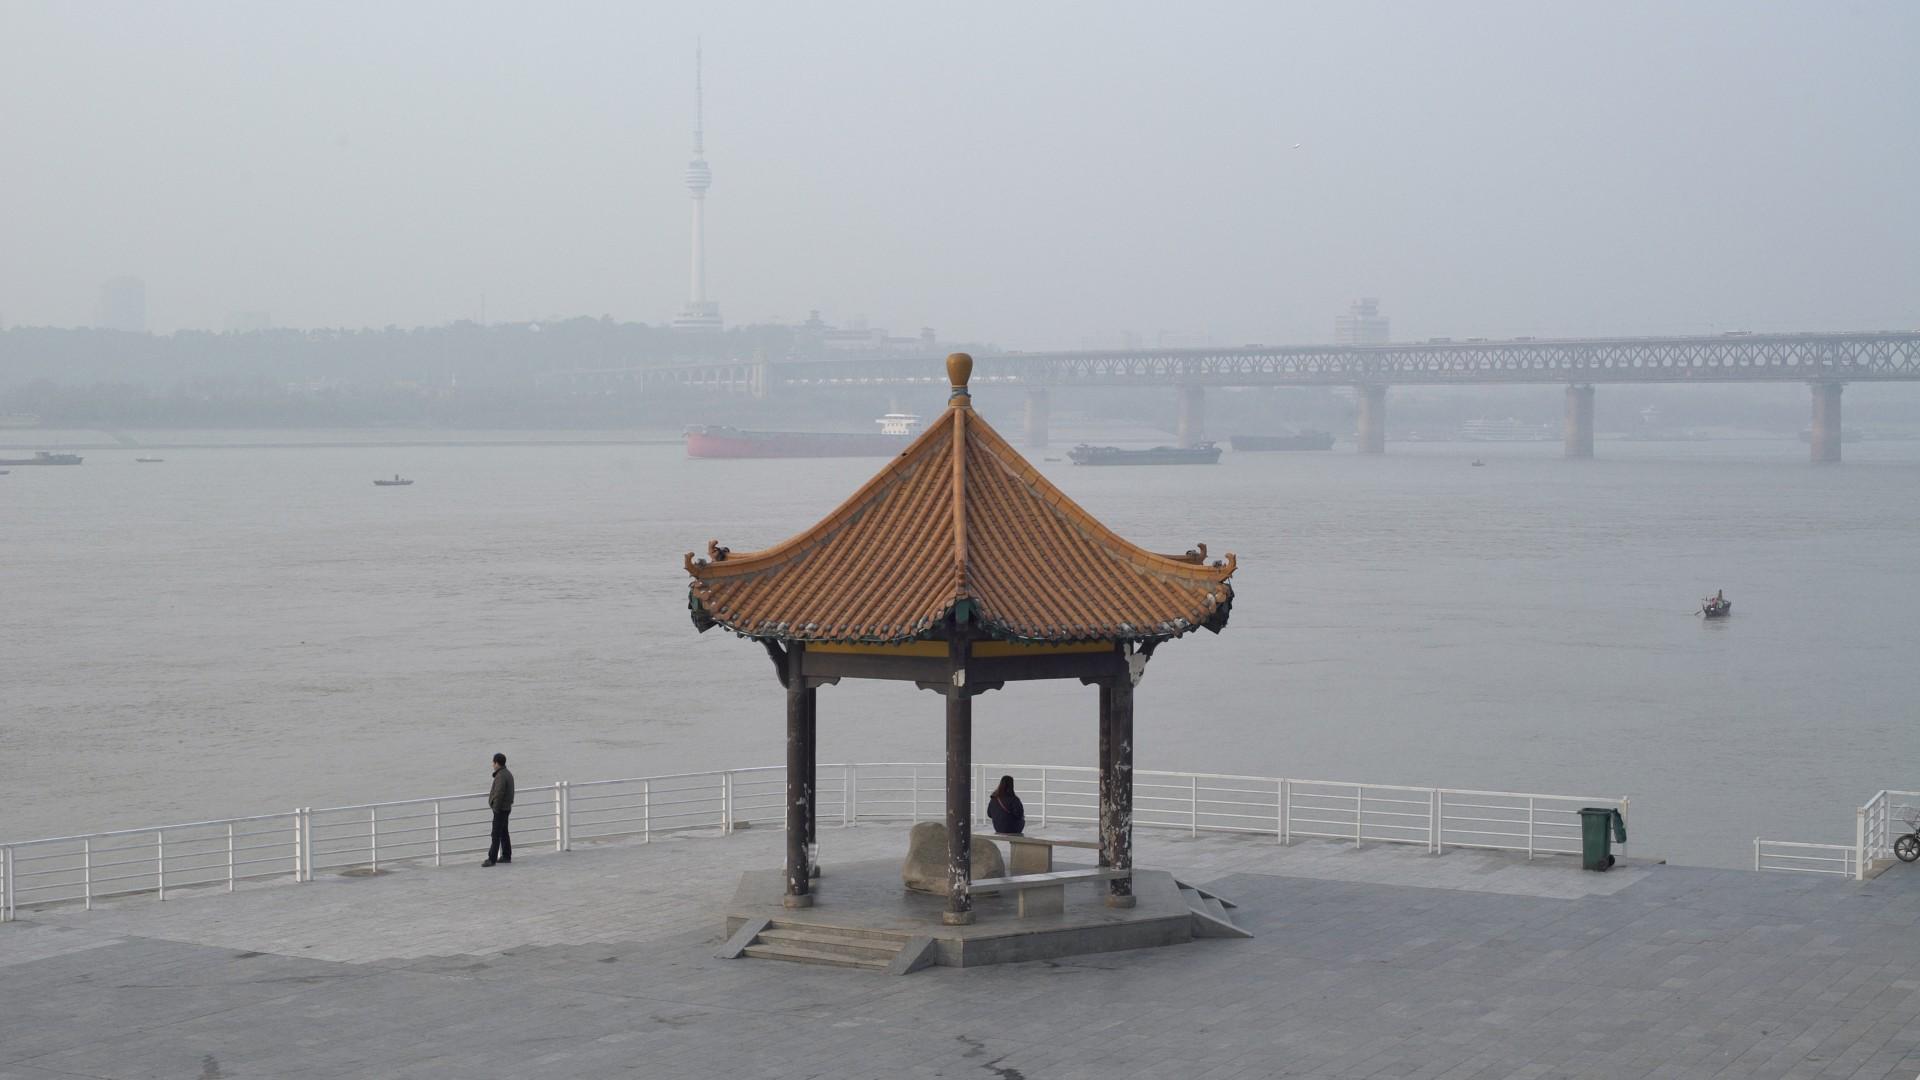 A River Runs, Turns, Erases, Replaces (Shengze Zhu)